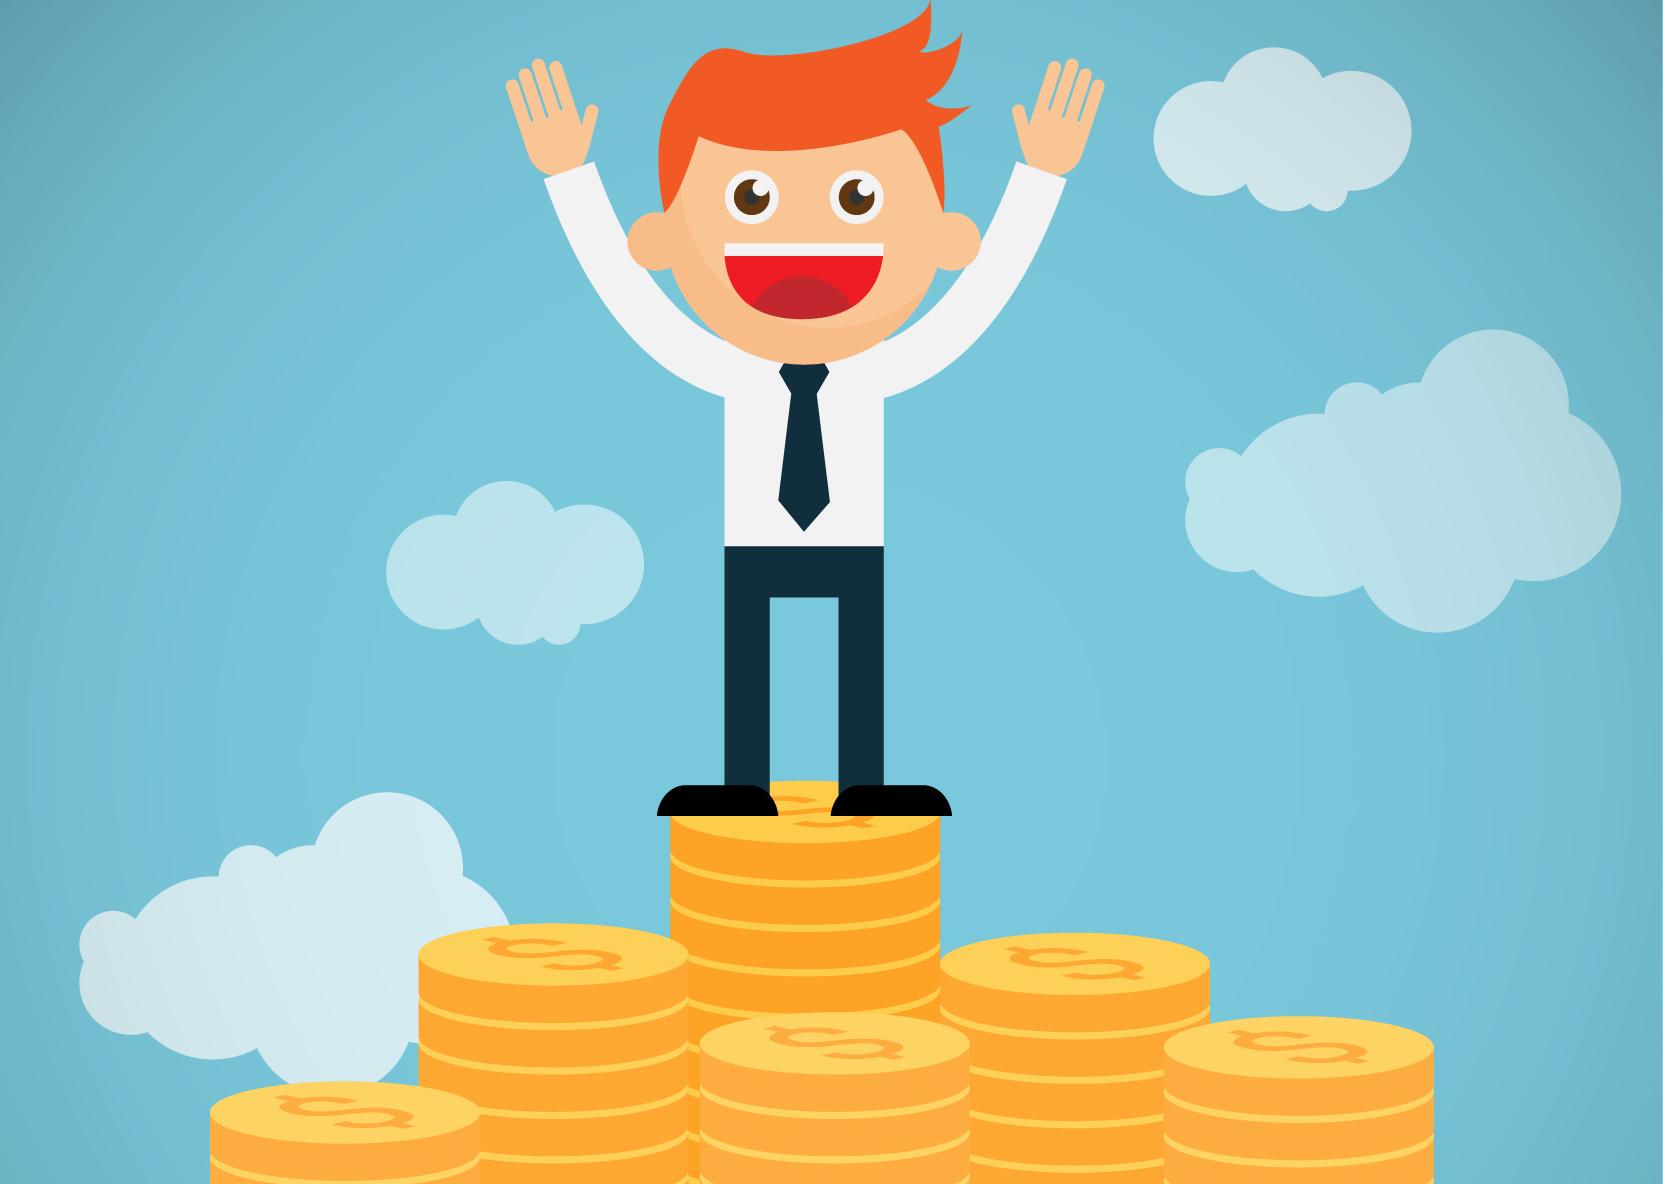 Finans illustrasjon mann på haug med penger